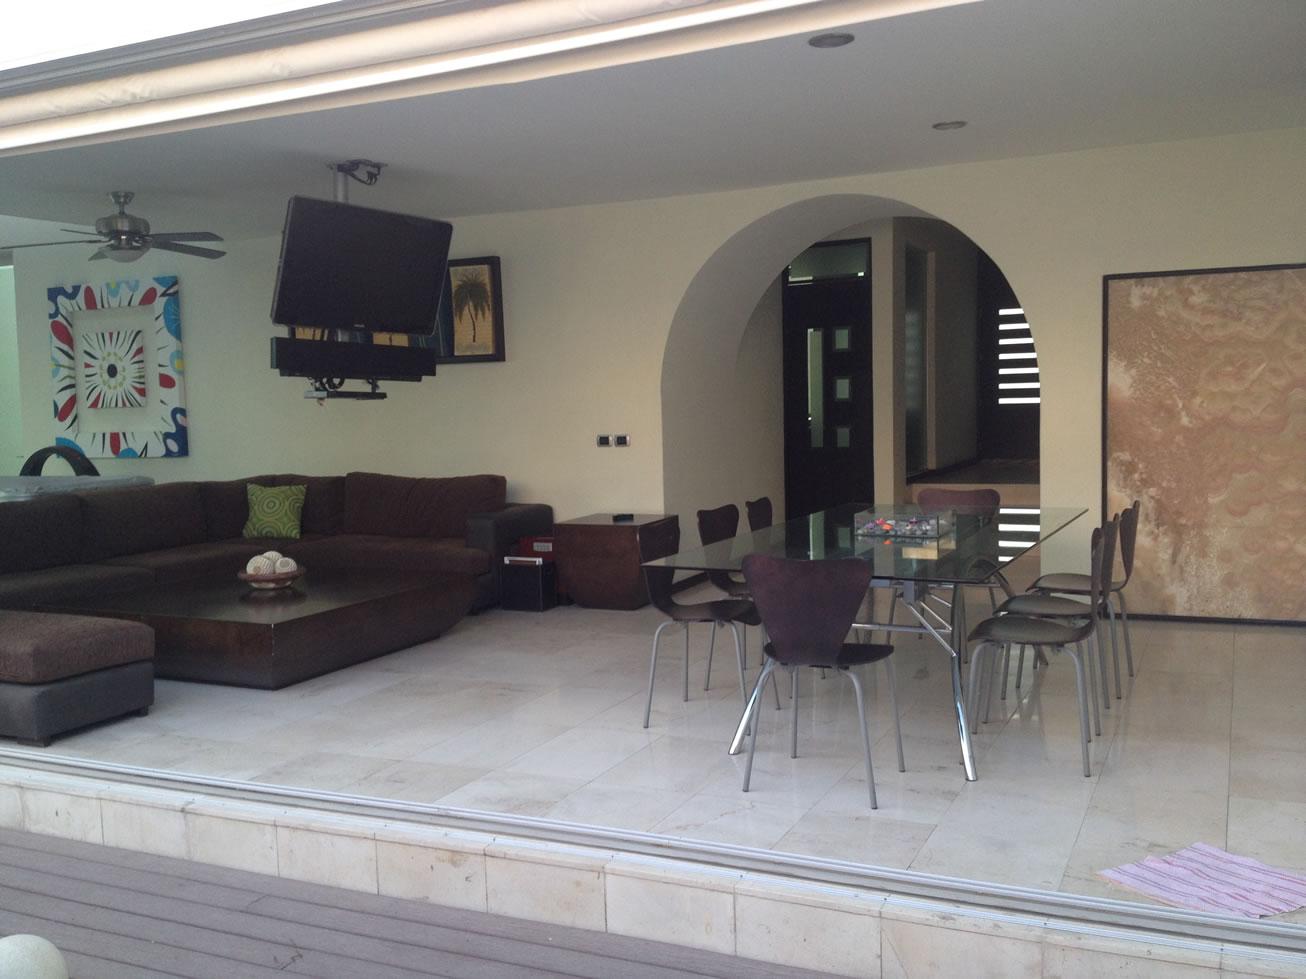 Venta de casa nueva angel polis puebla mil n 888 venta y renta de bienes ra ces jp - Casas nuevas en terrassa ...